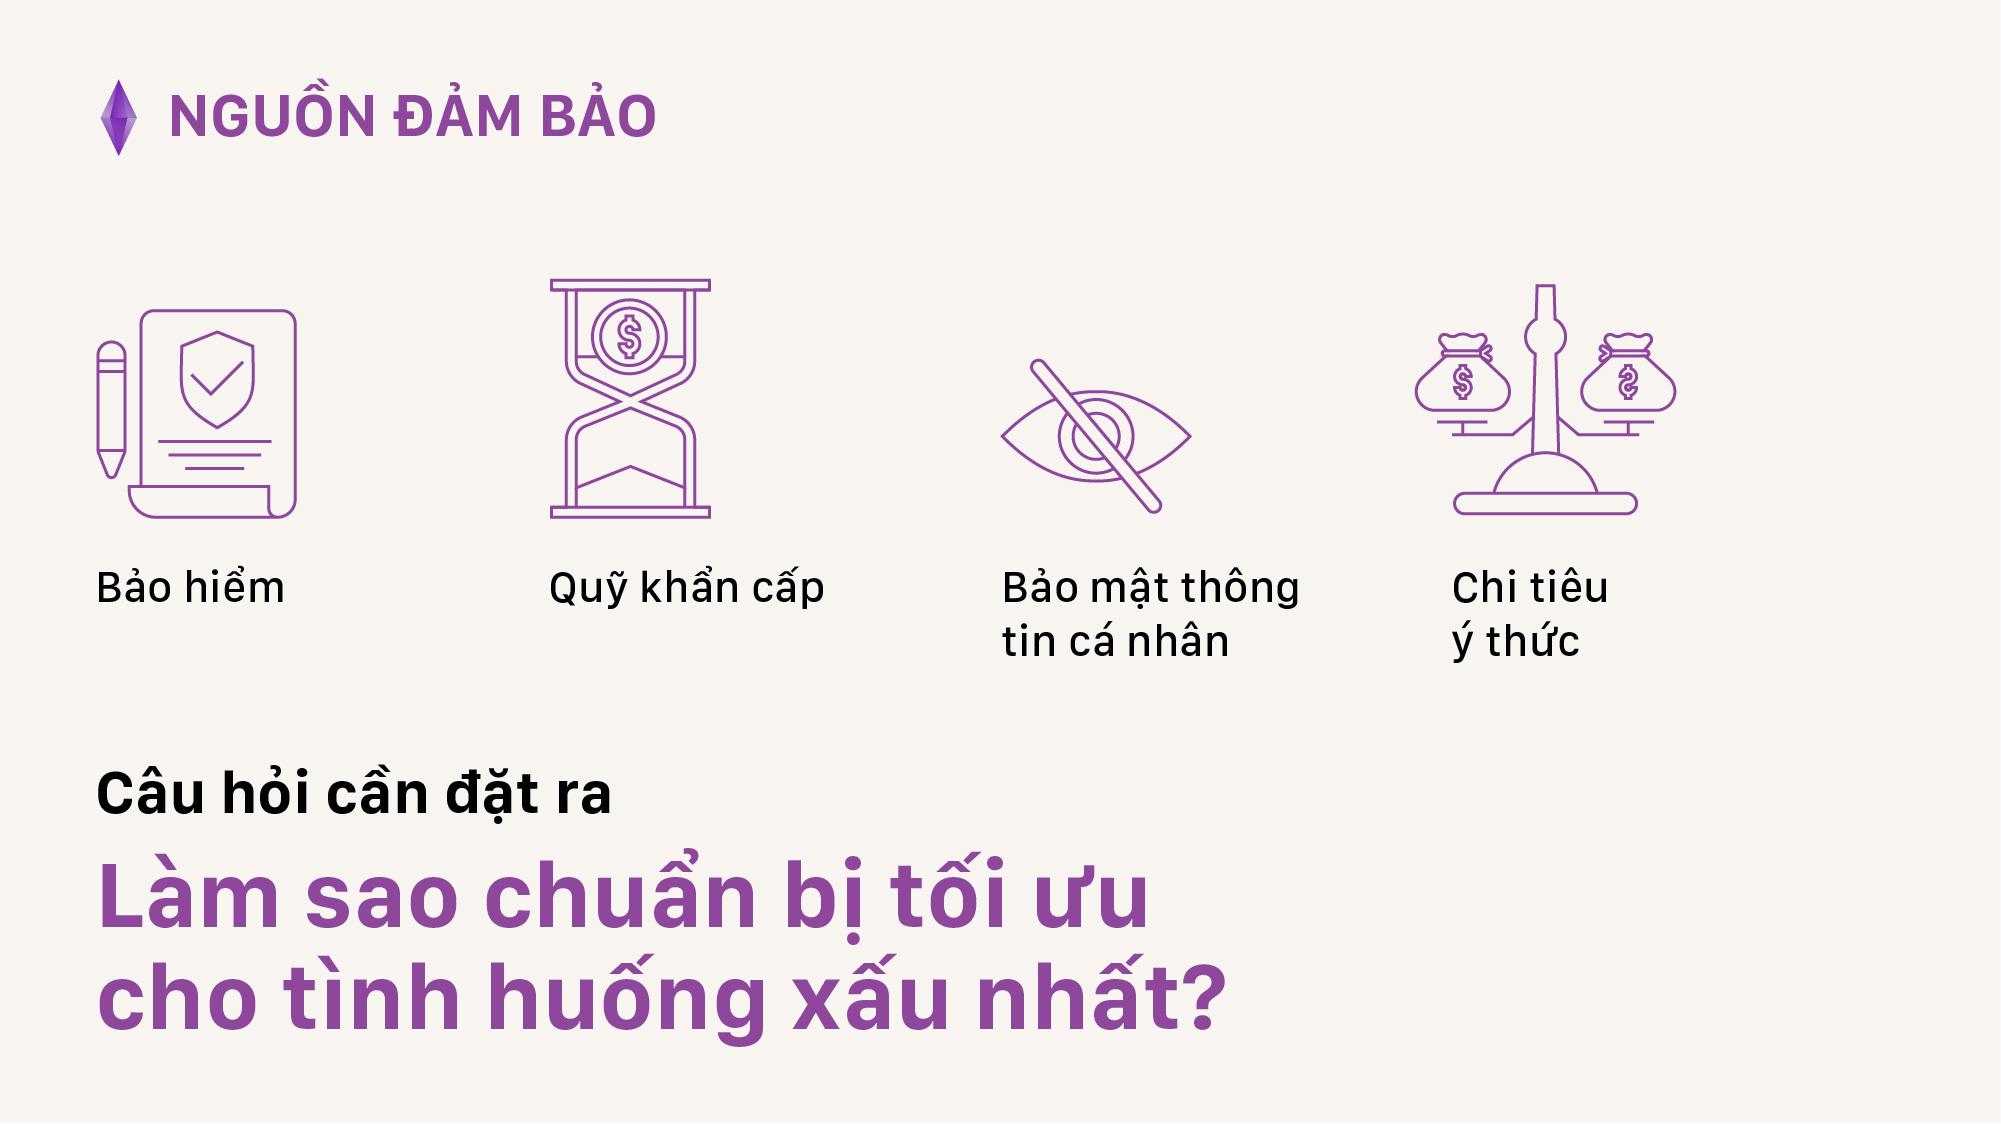 nguon dam bao